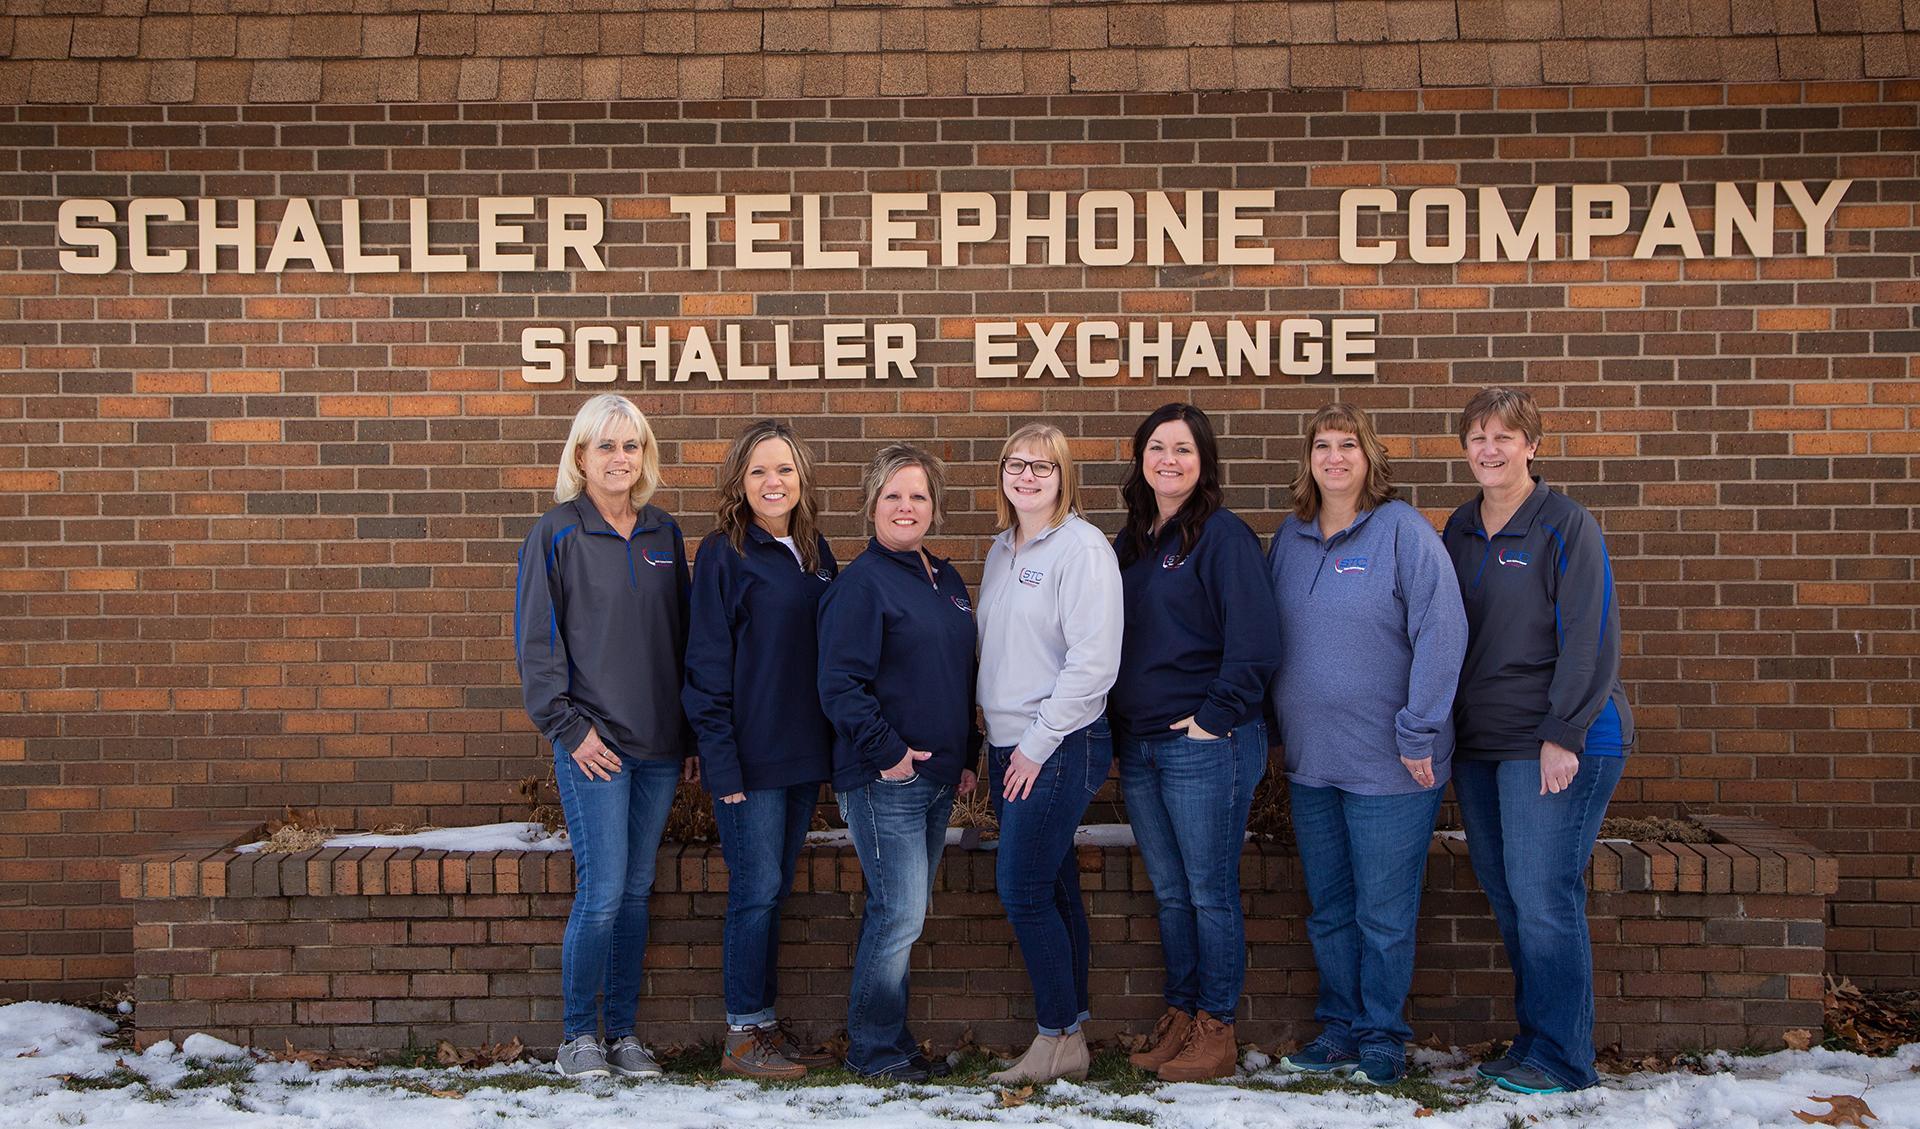 Schaller Telephone Company